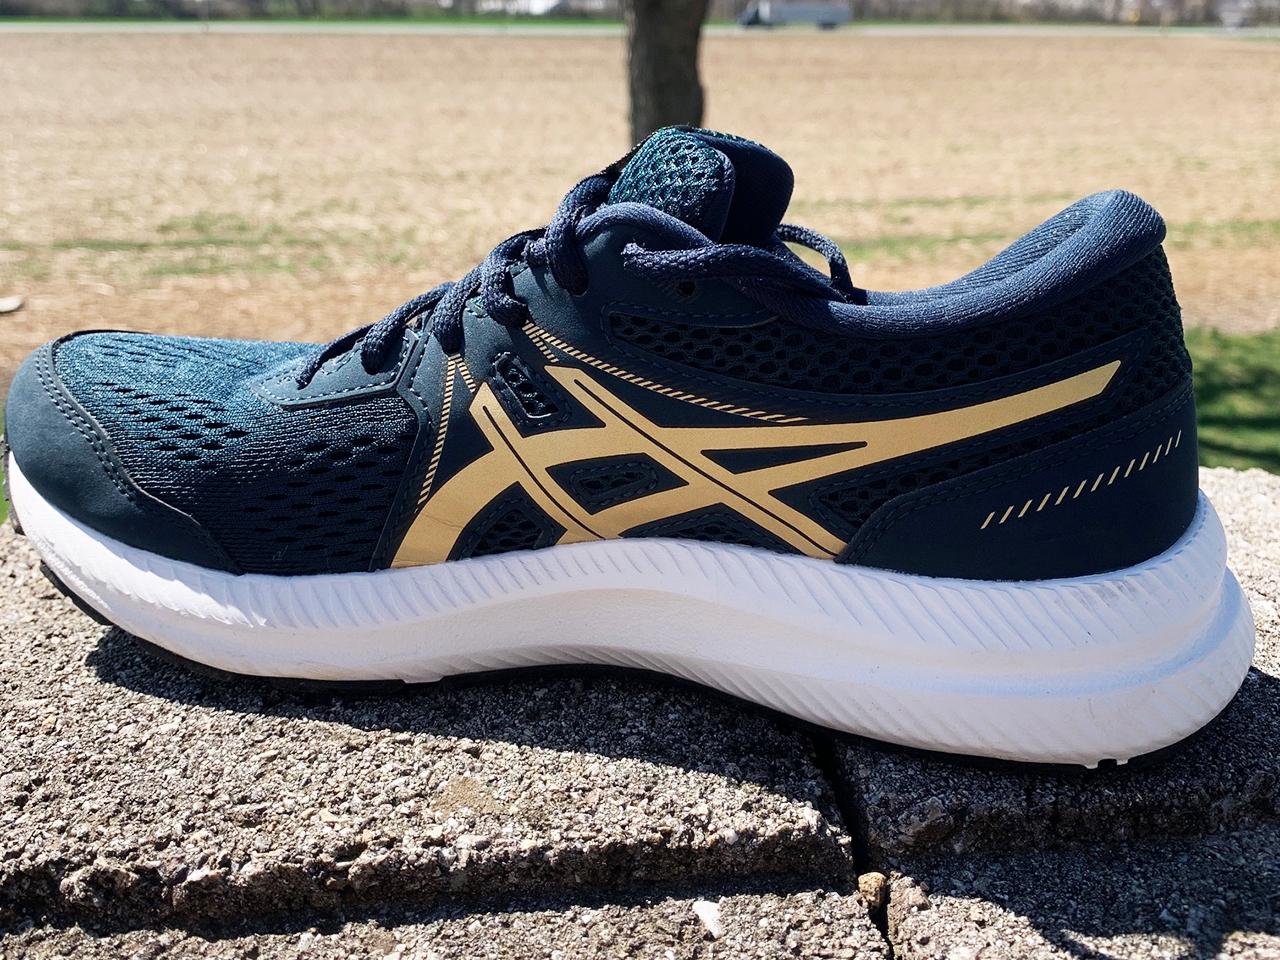 Asics Gel Contend 7 Review | Running Shoes Guru